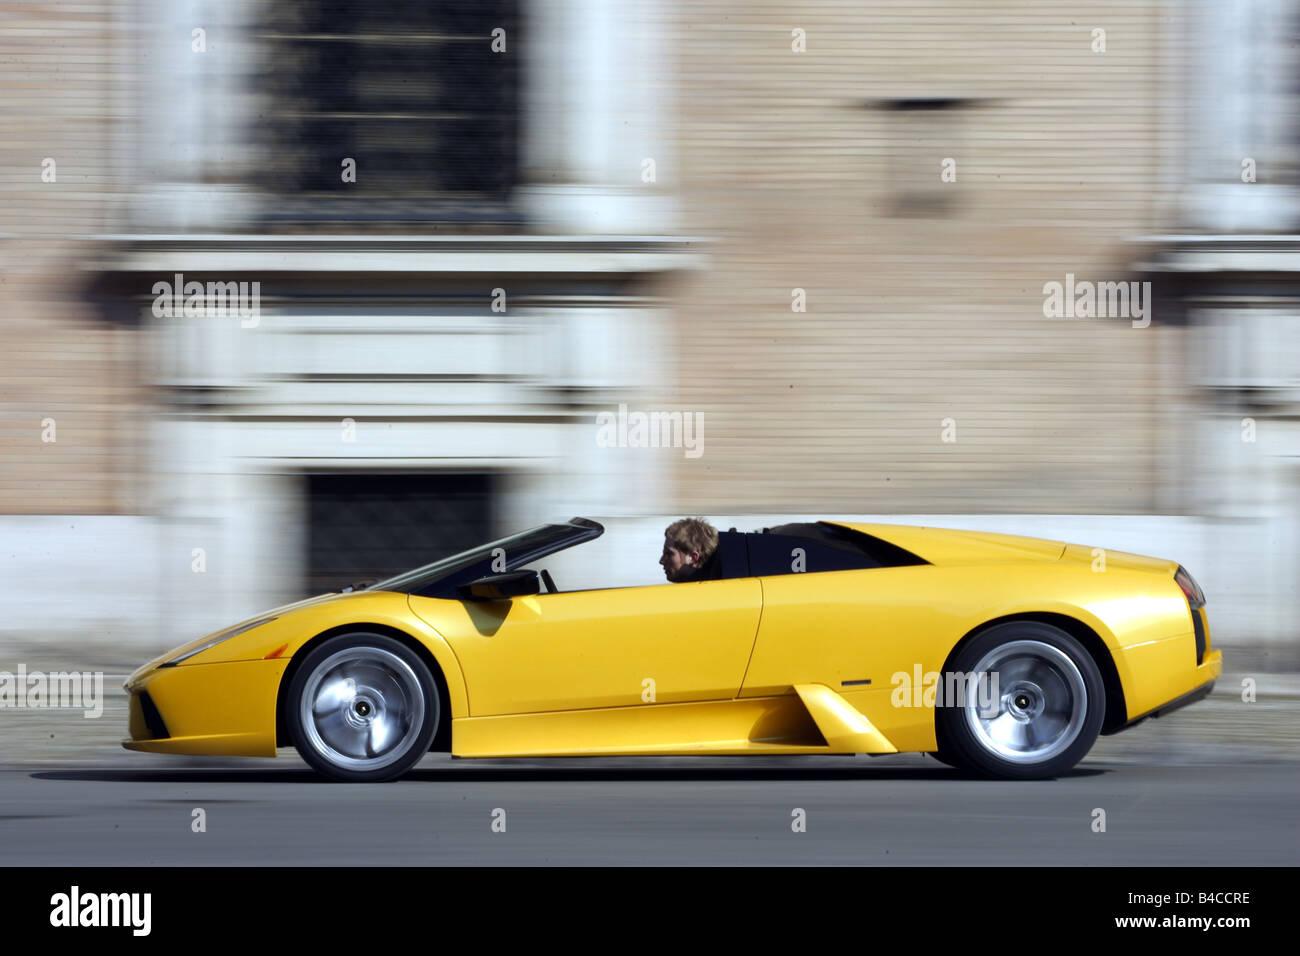 Car Lamborghini Murcielago Roadster Convertible Model Year 2004